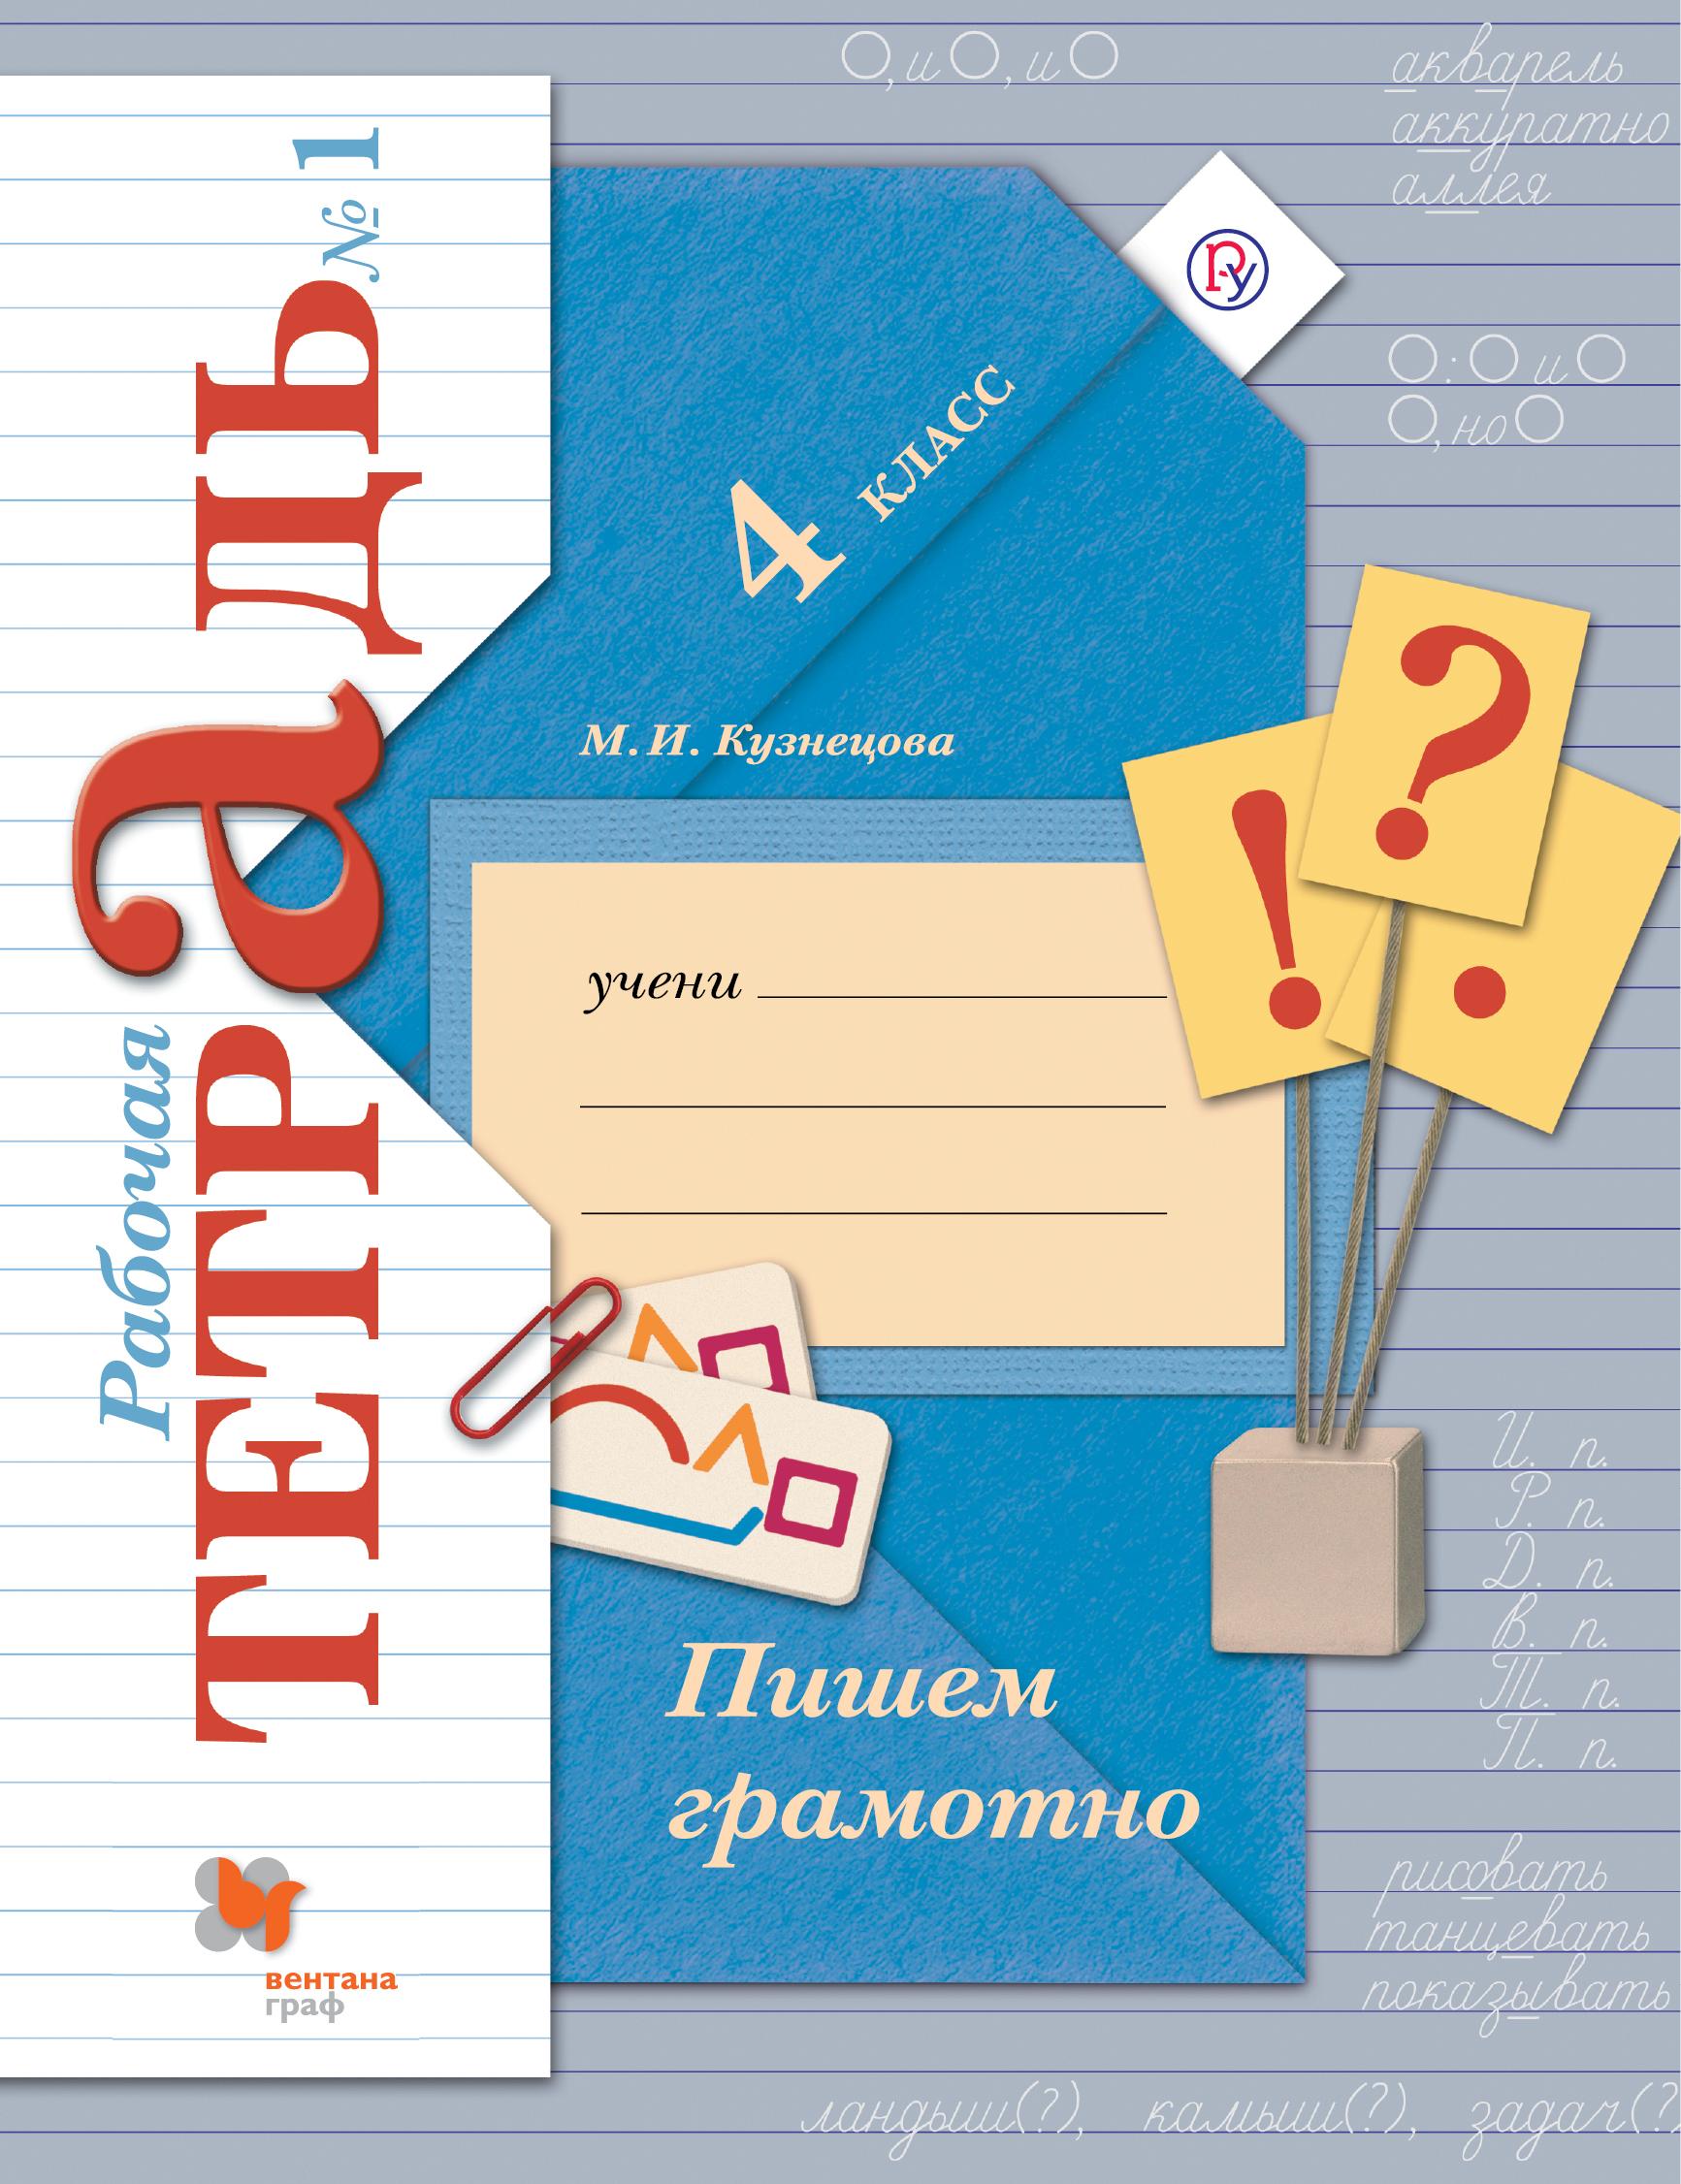 КузнецоваМ.И. Пишем грамотно. 4кл. Рабочая тетрадь №1. кузнецова м пишем грамотно 4класс рабочая тетрадь 2